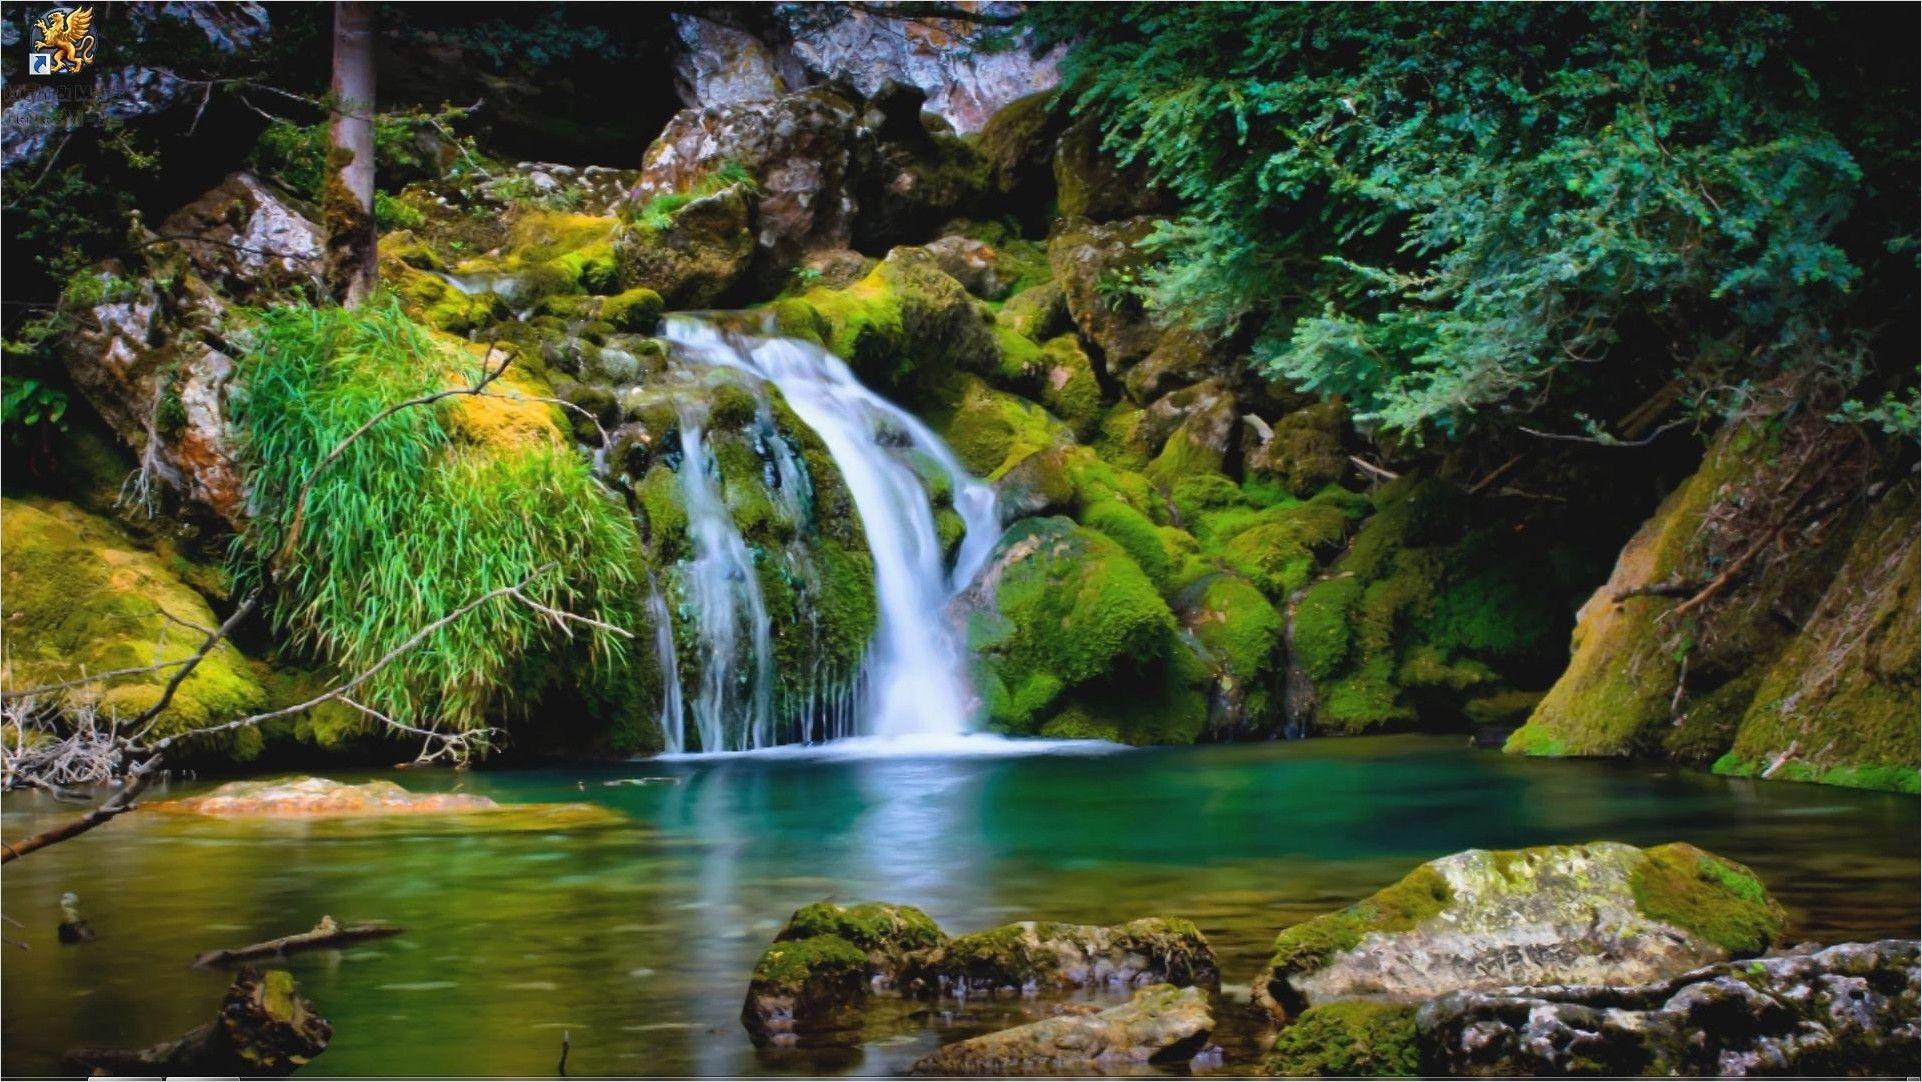 4k Gif Wallpaper Pc Anture In 2020 Waterfall Scenery Waterfall Wallpaper Beautiful Nature Wallpaper